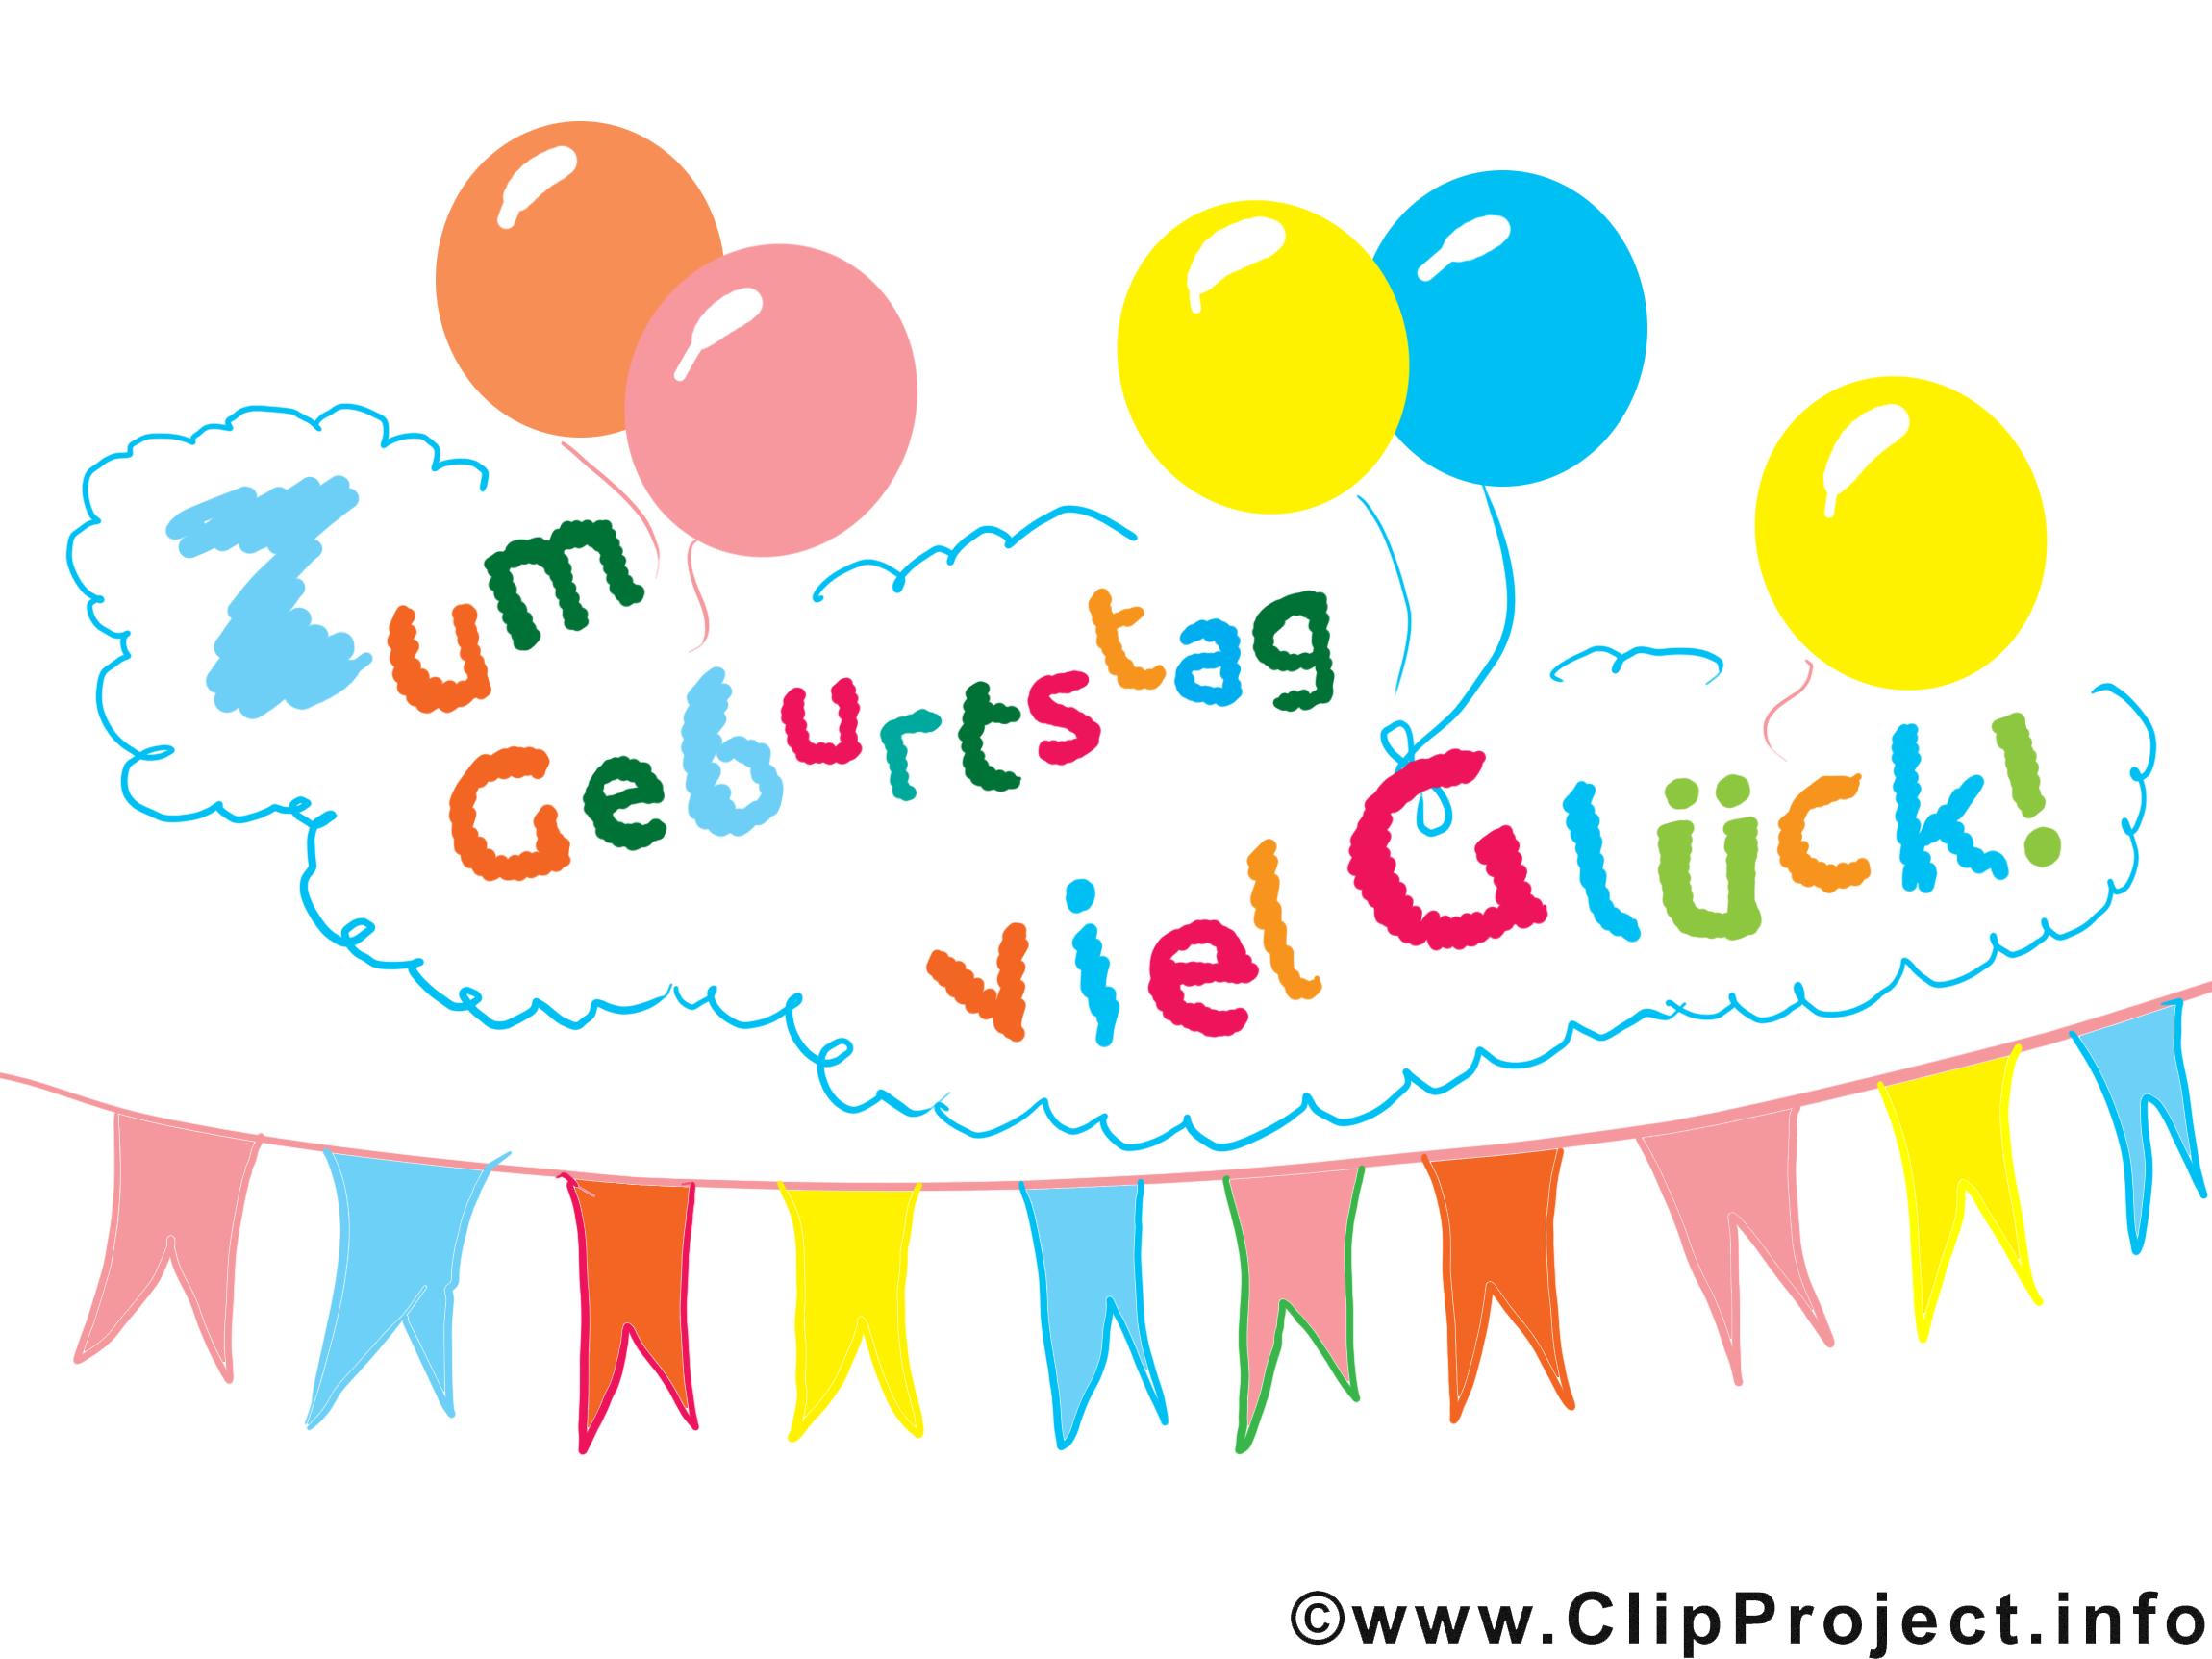 Clipart gutschein geburtstag vector library download Geburtstag clipart - ClipartFest vector library download